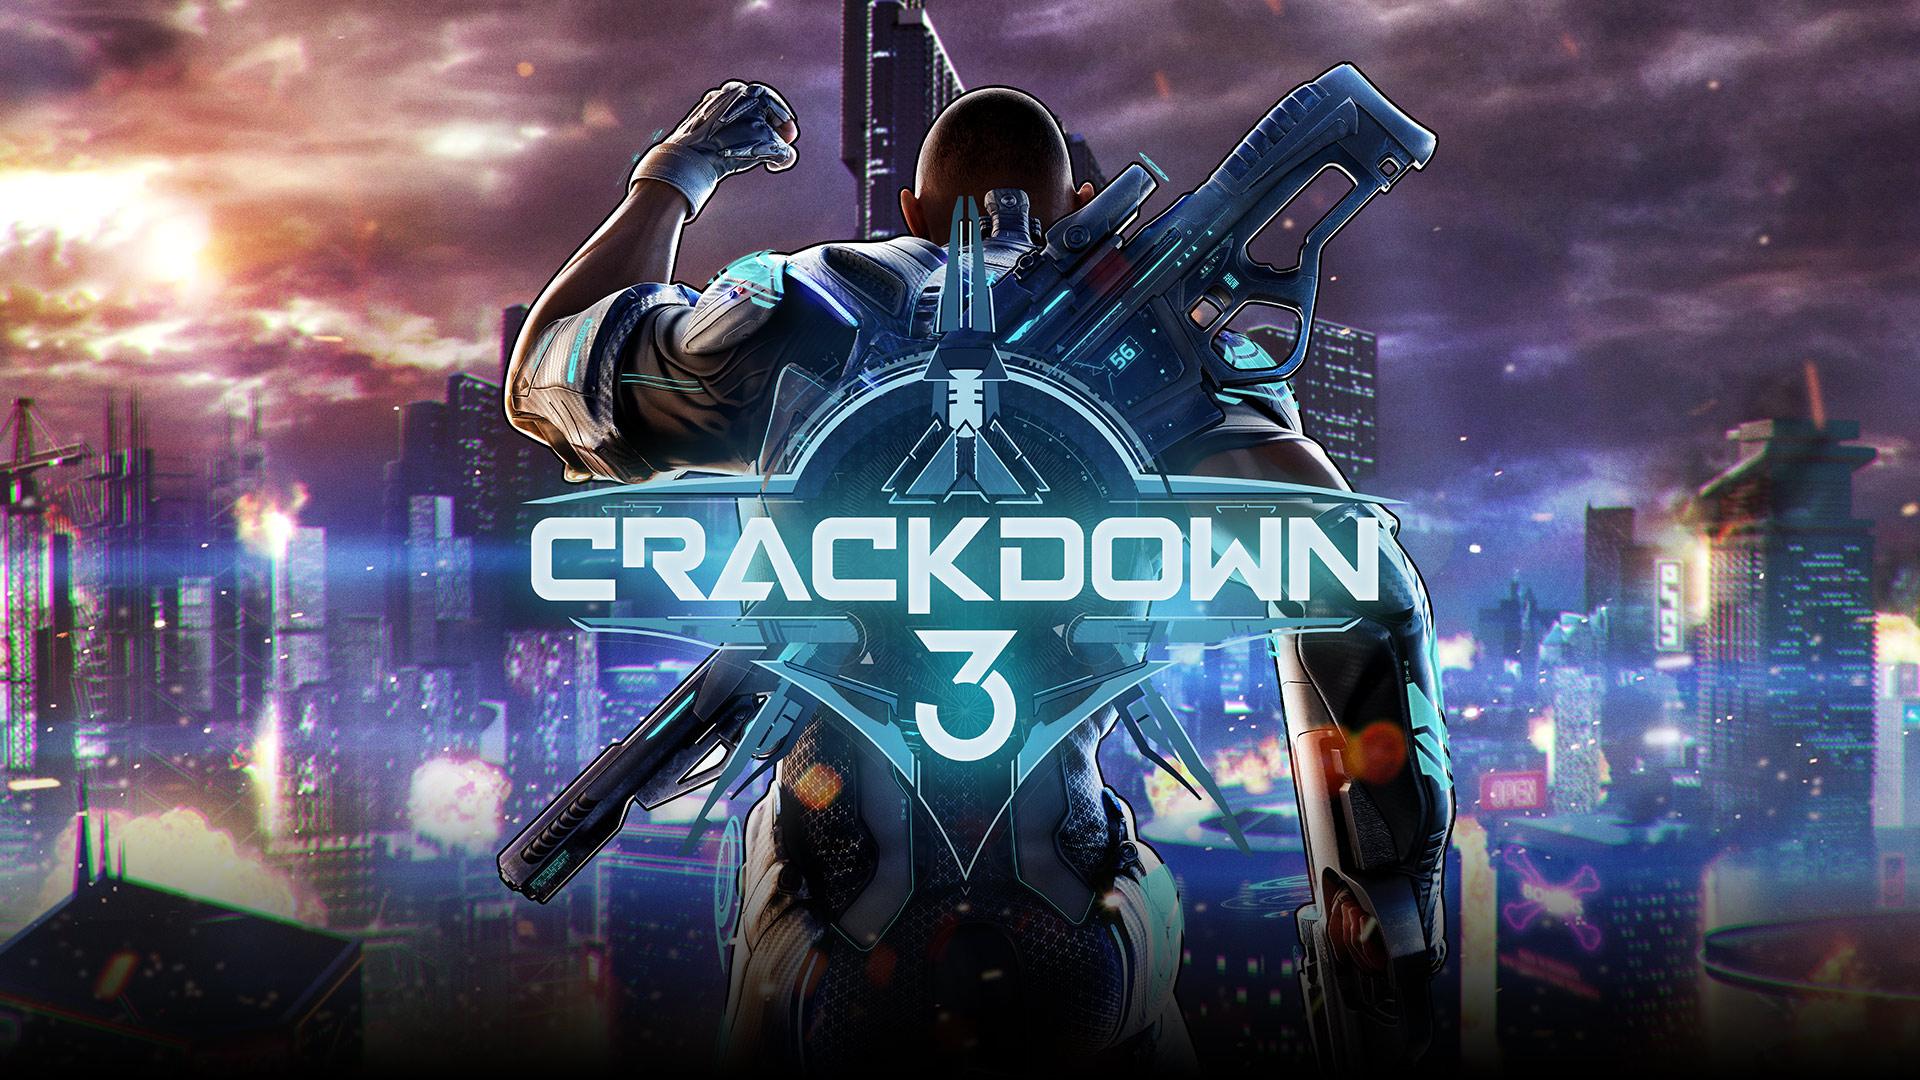 E3 2018 - Crackdown 3